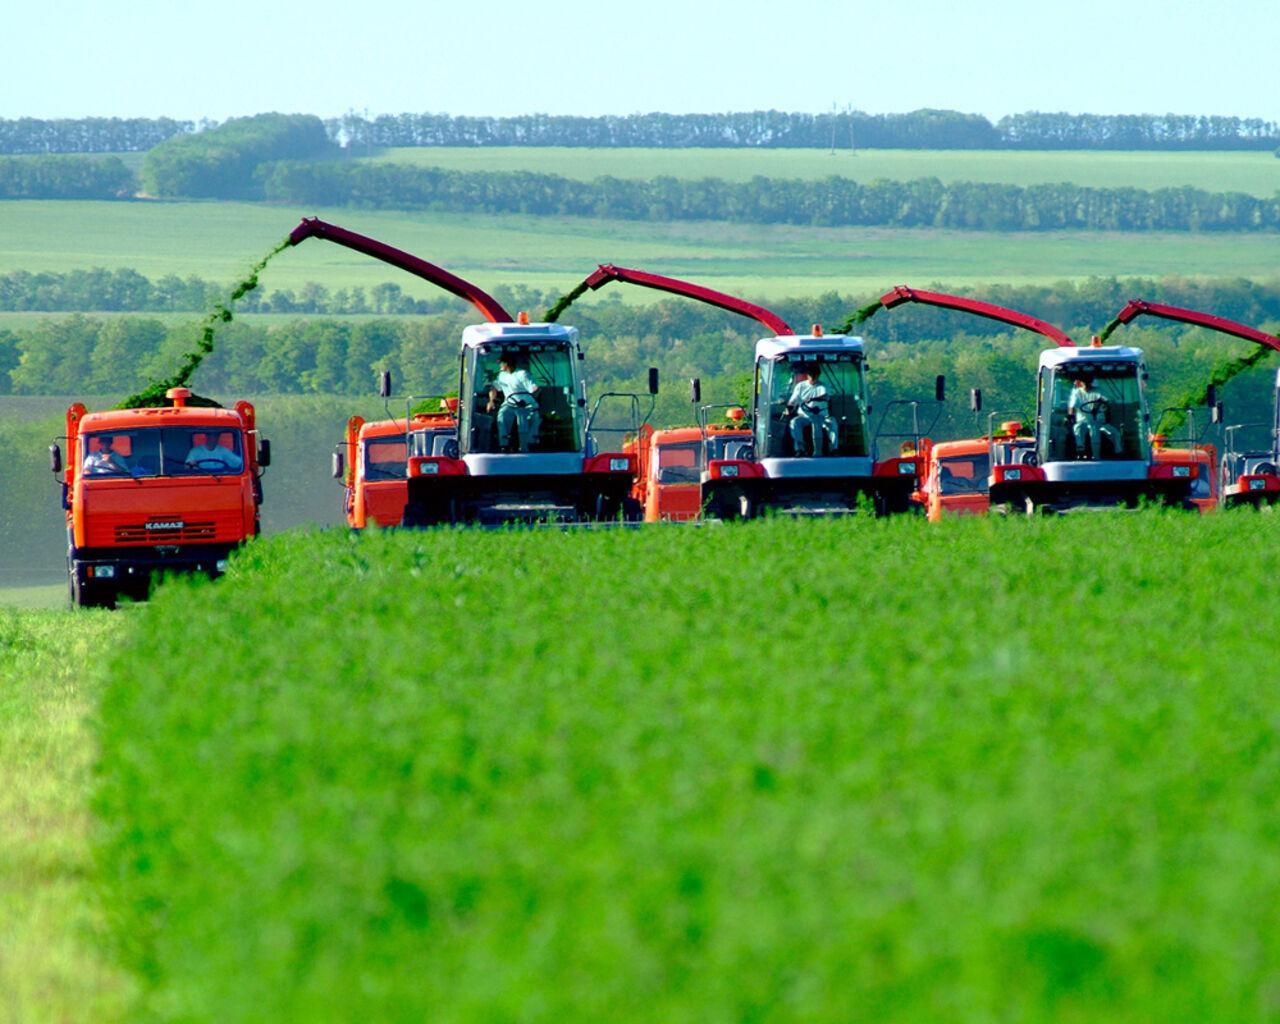 Русские производители сельхозтехники получат от руководства 1,5 млрд руб